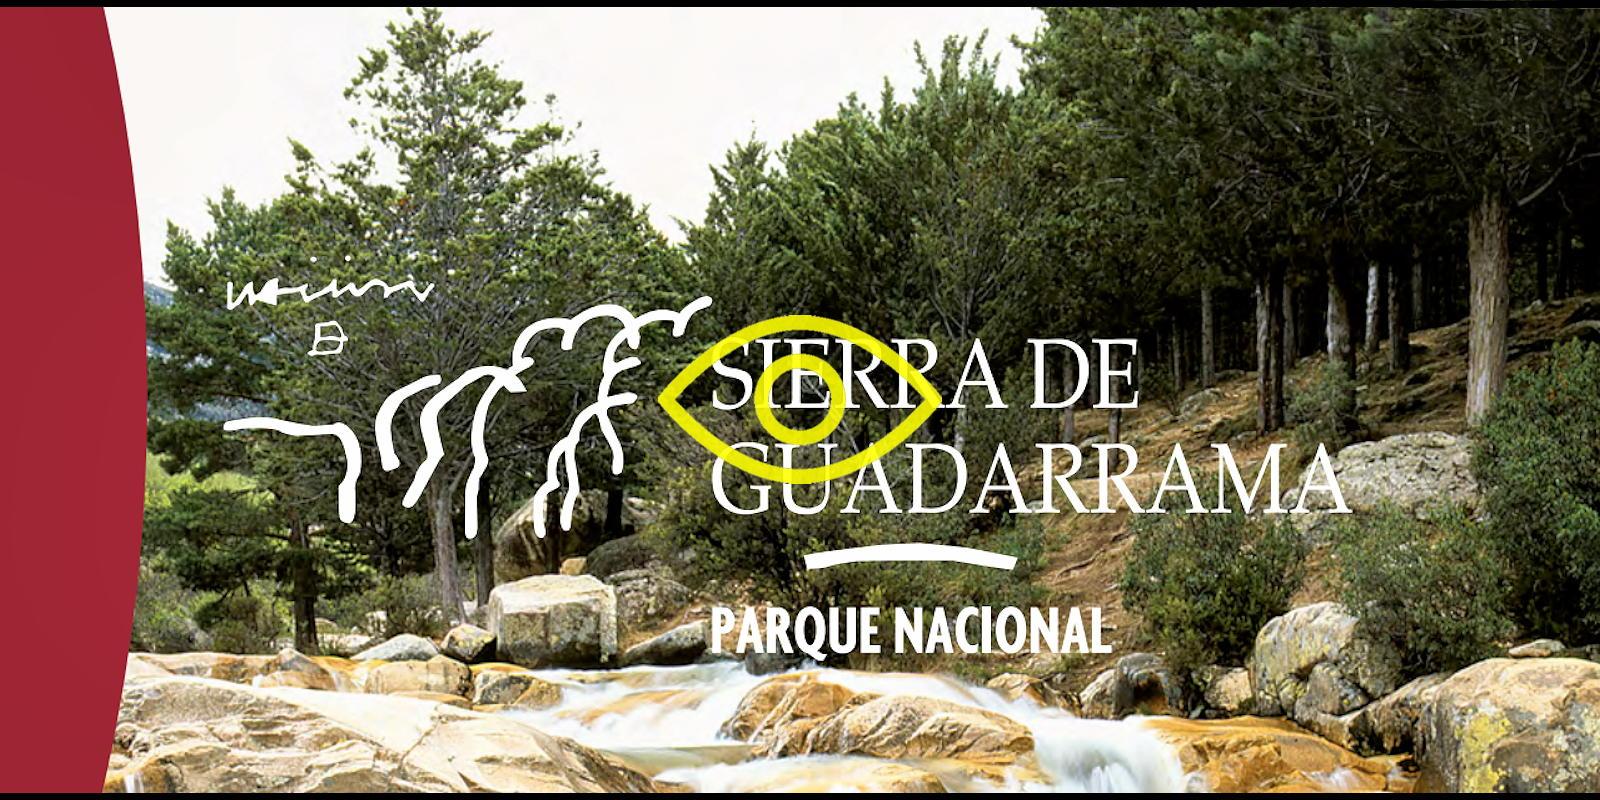 Tranquilo y rural en el Parque Nacional de la Sierra de Guadarrama